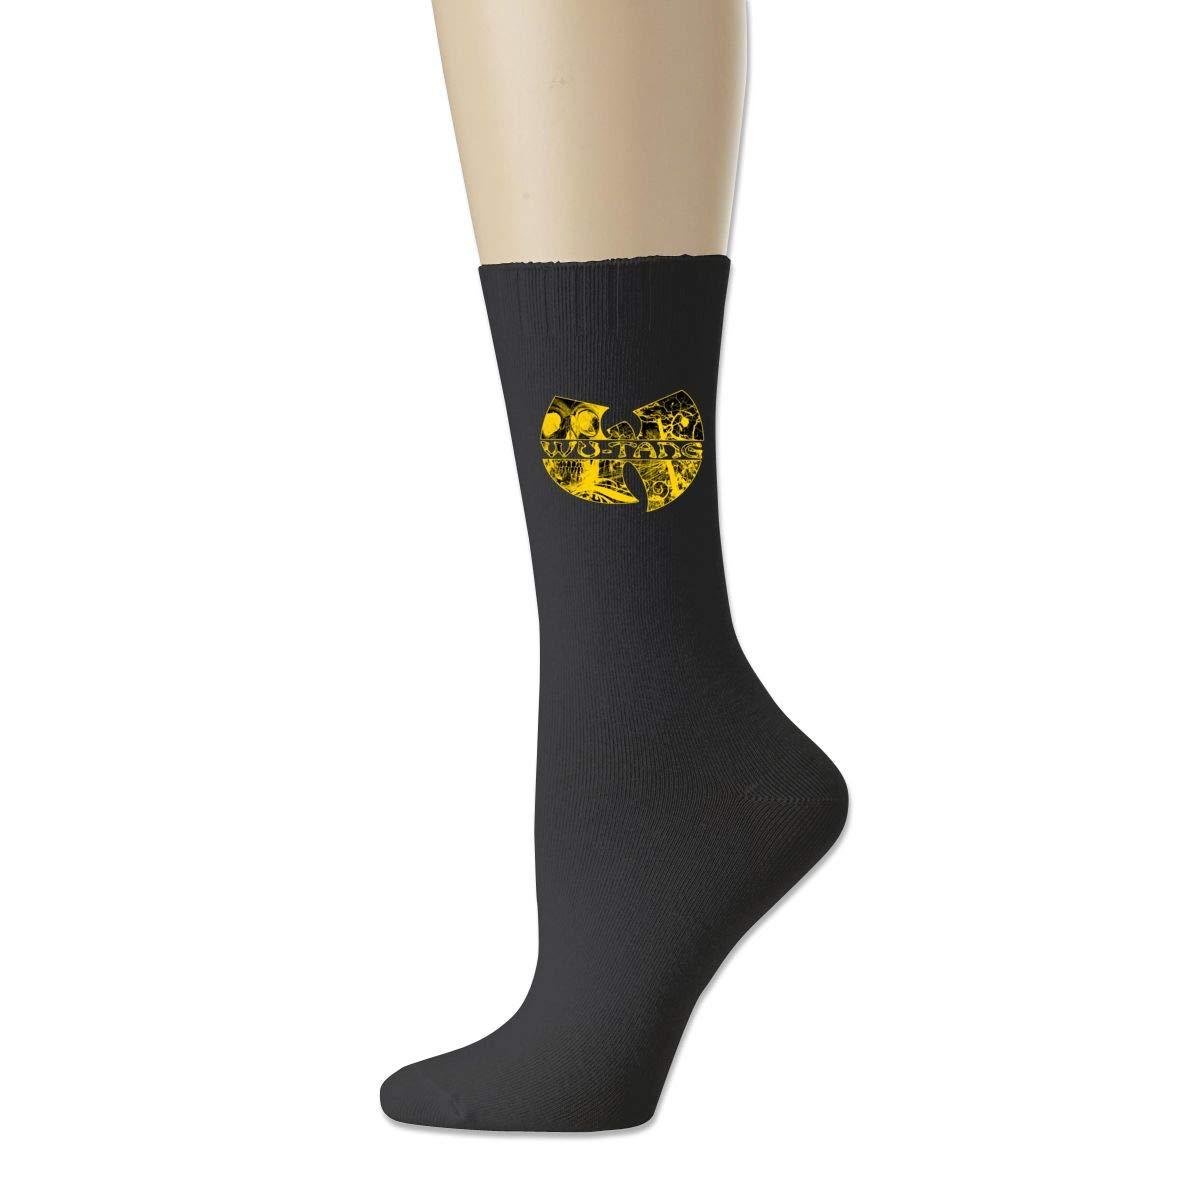 Socks For Women,Novelty Sock Unisex Xlajg5915 IM A VEGAN Cotton Socks For Men